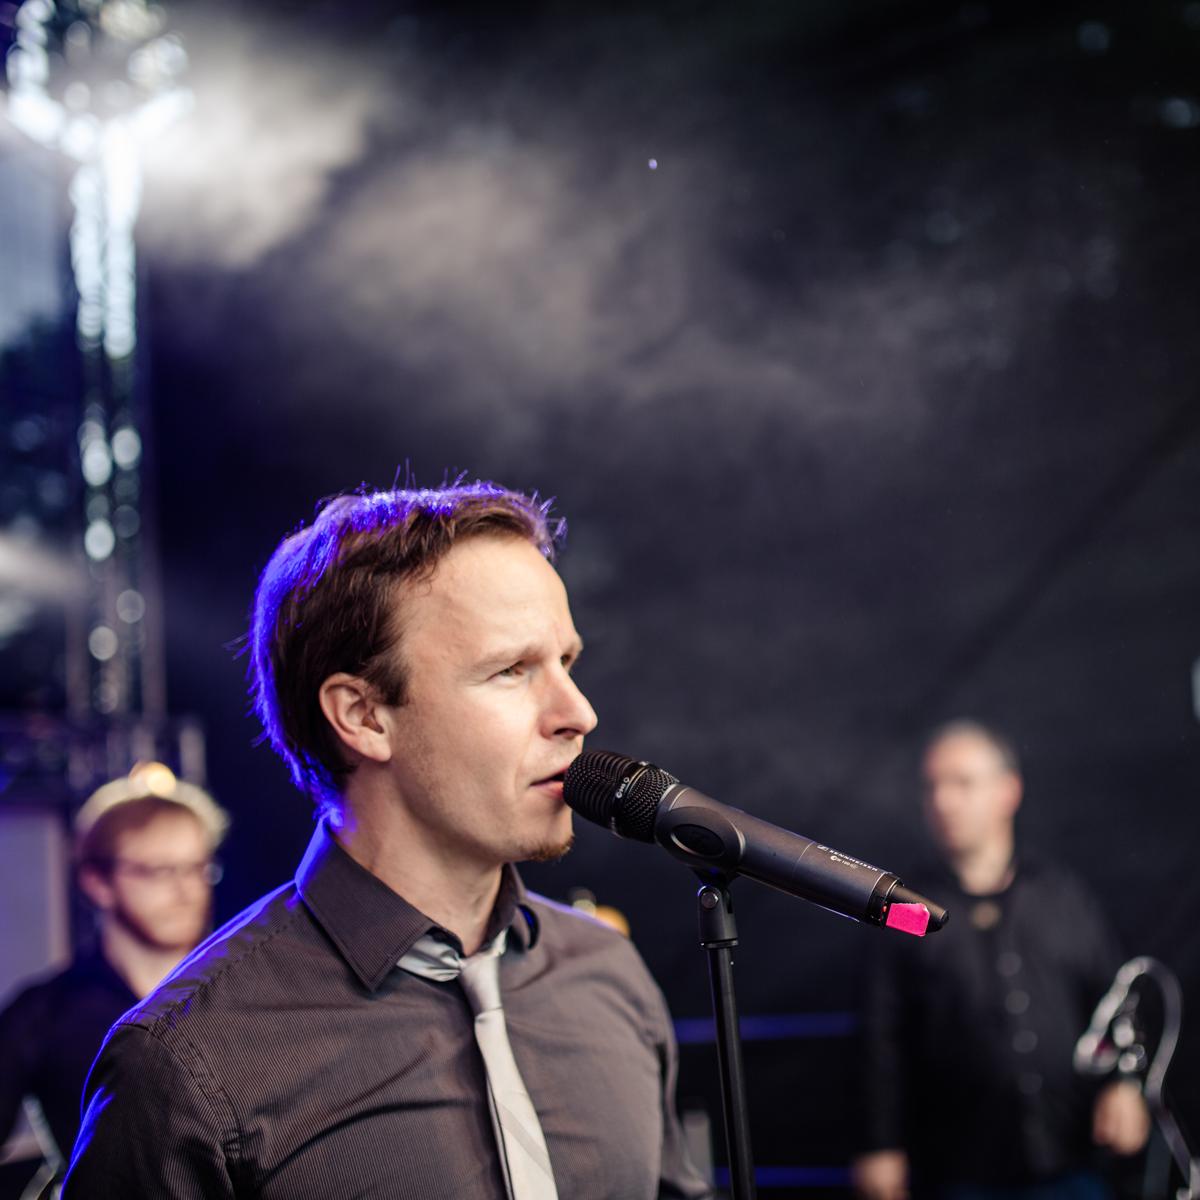 Sänger Christian Wolf